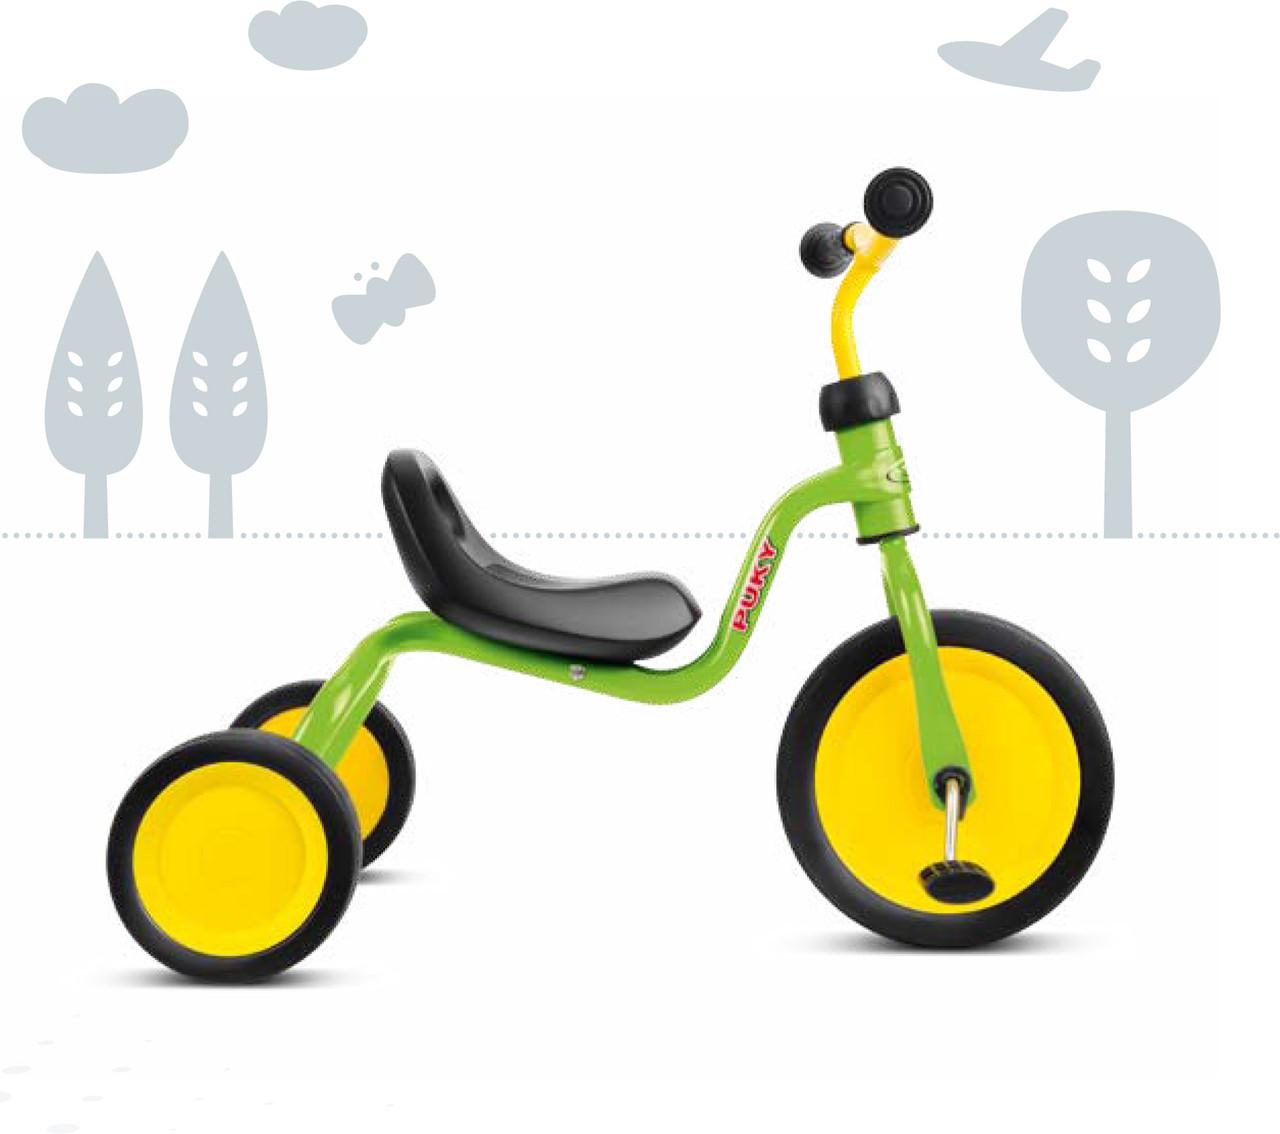 414 Трехколесный велосипед Puky Fitsch  (2508, салатовый(kiwi)) (TORG4141130)